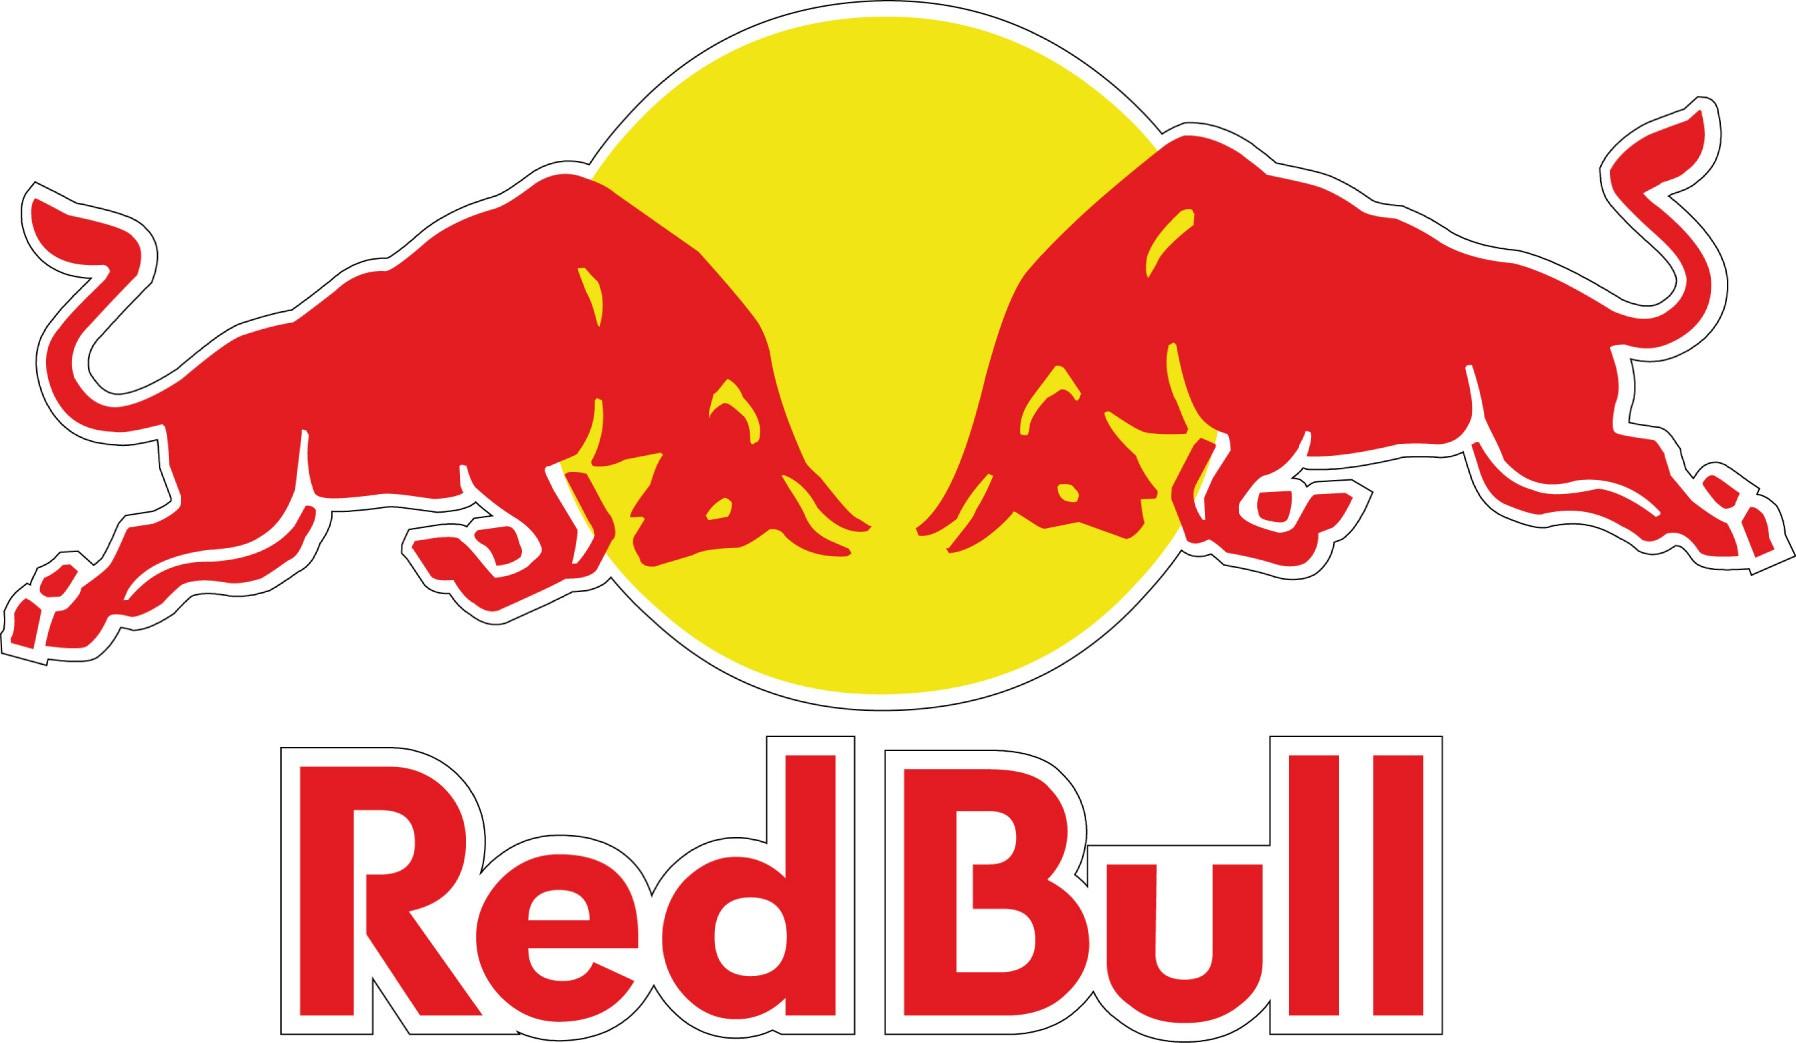 red bull mateschitz